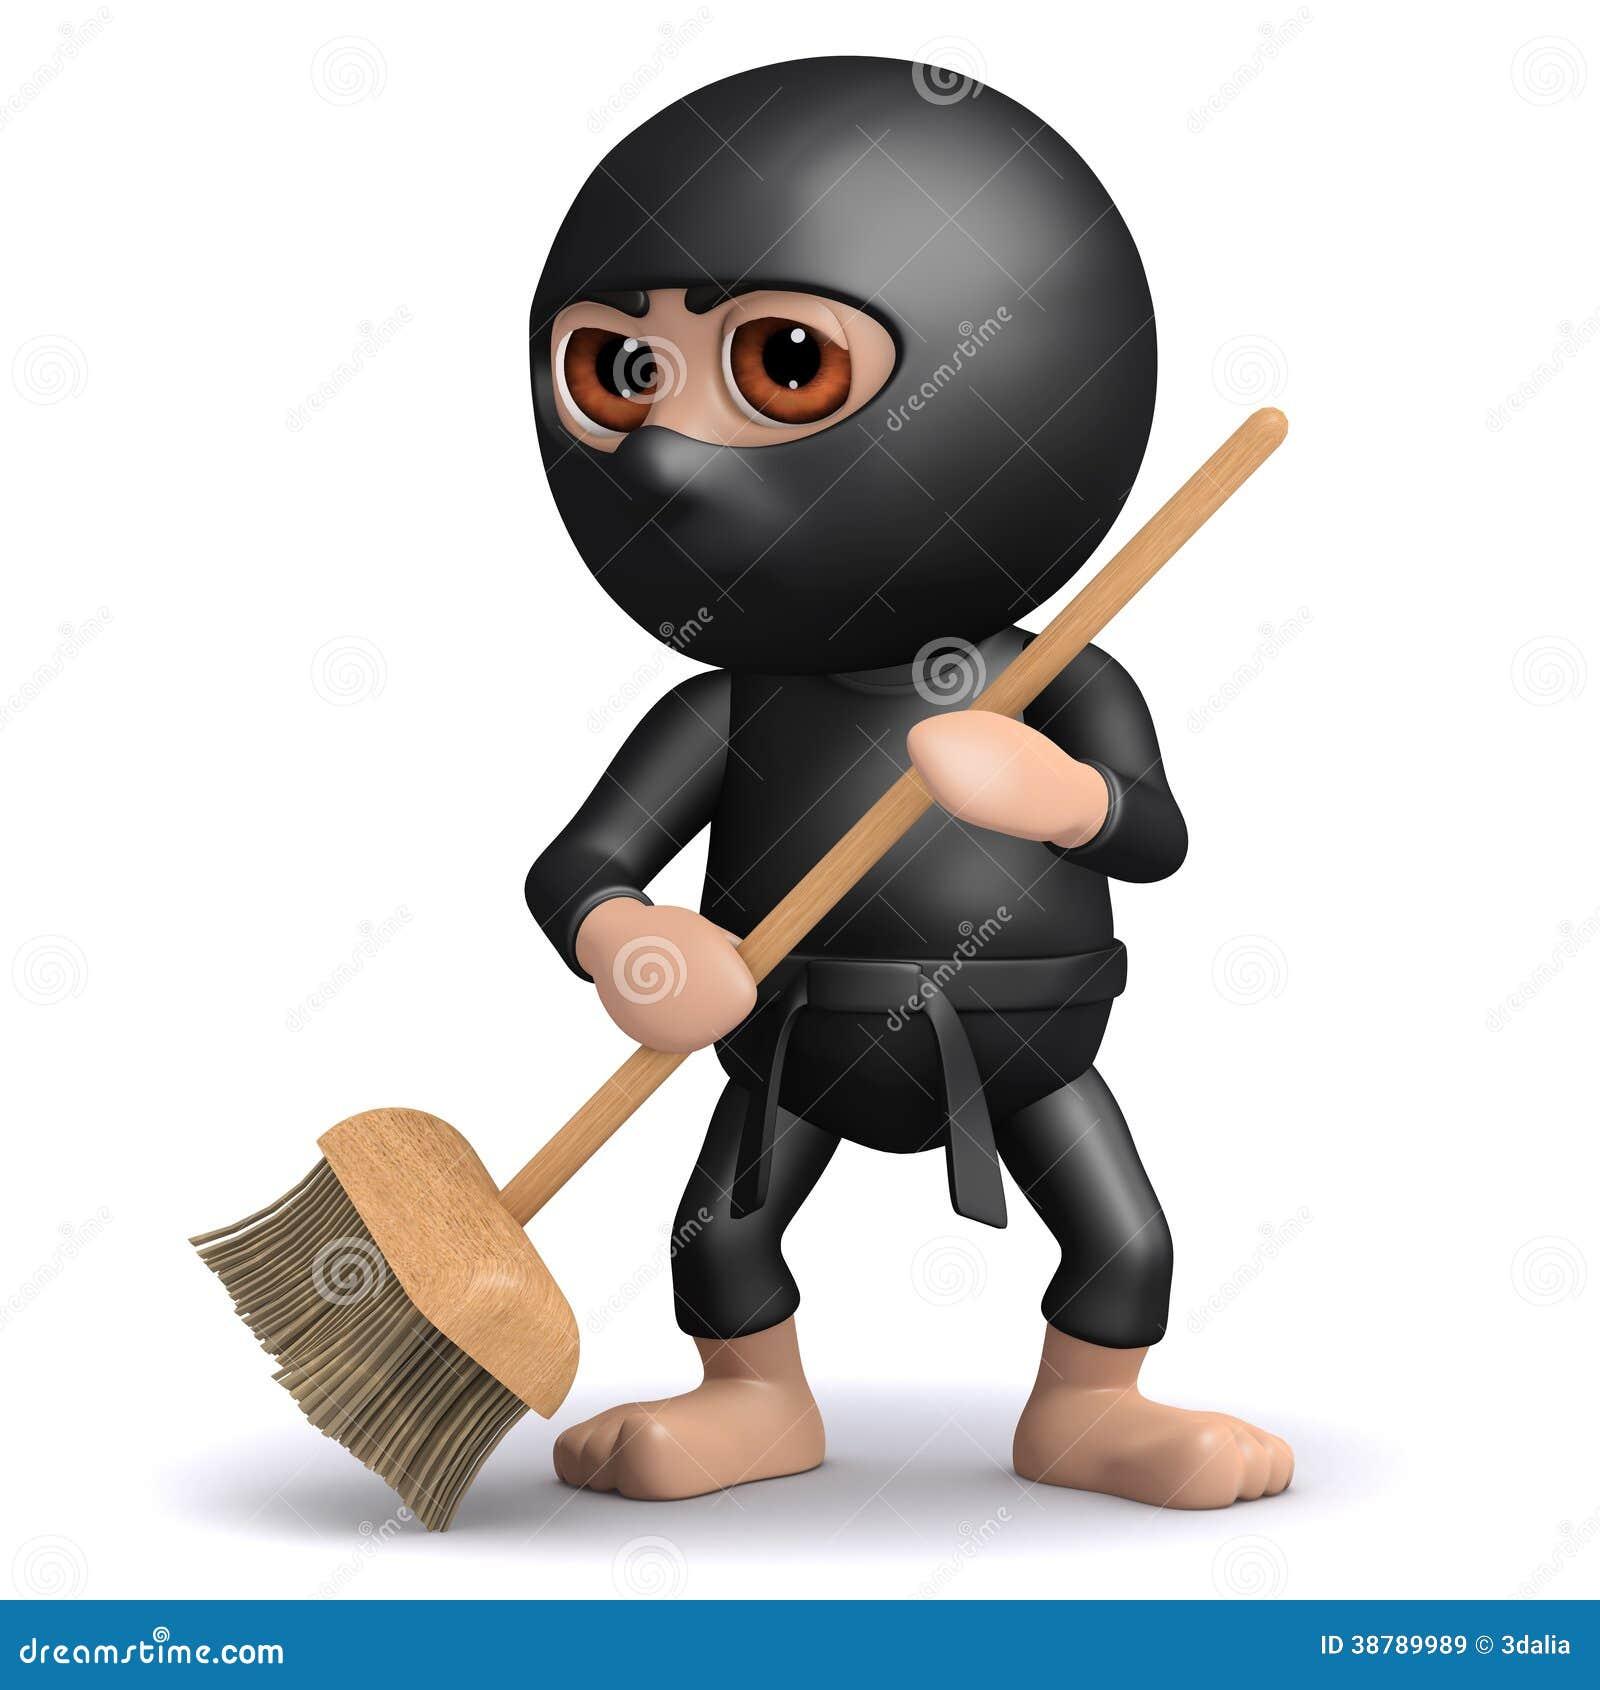 [Image: d-ninja-sweeps-up-fight-render-broom-38789989.jpg]